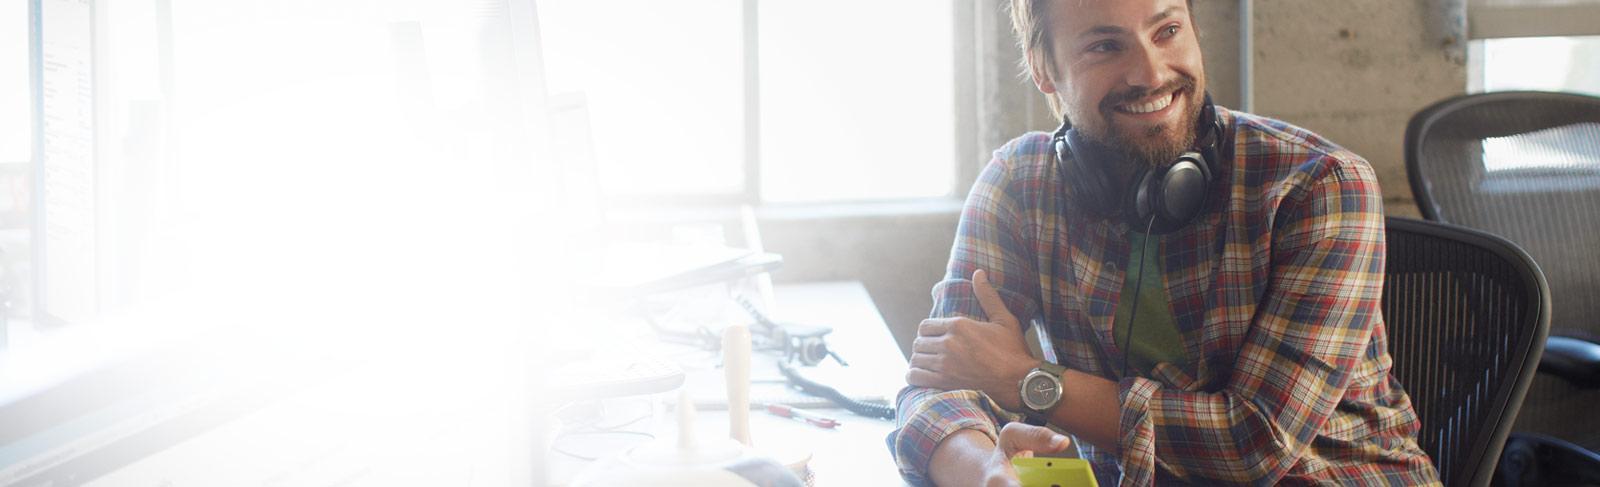 Työpöydän ääressä puhelinta kädessään pitävä mies, joka käyttää Office 365 Enterprise E1:tä